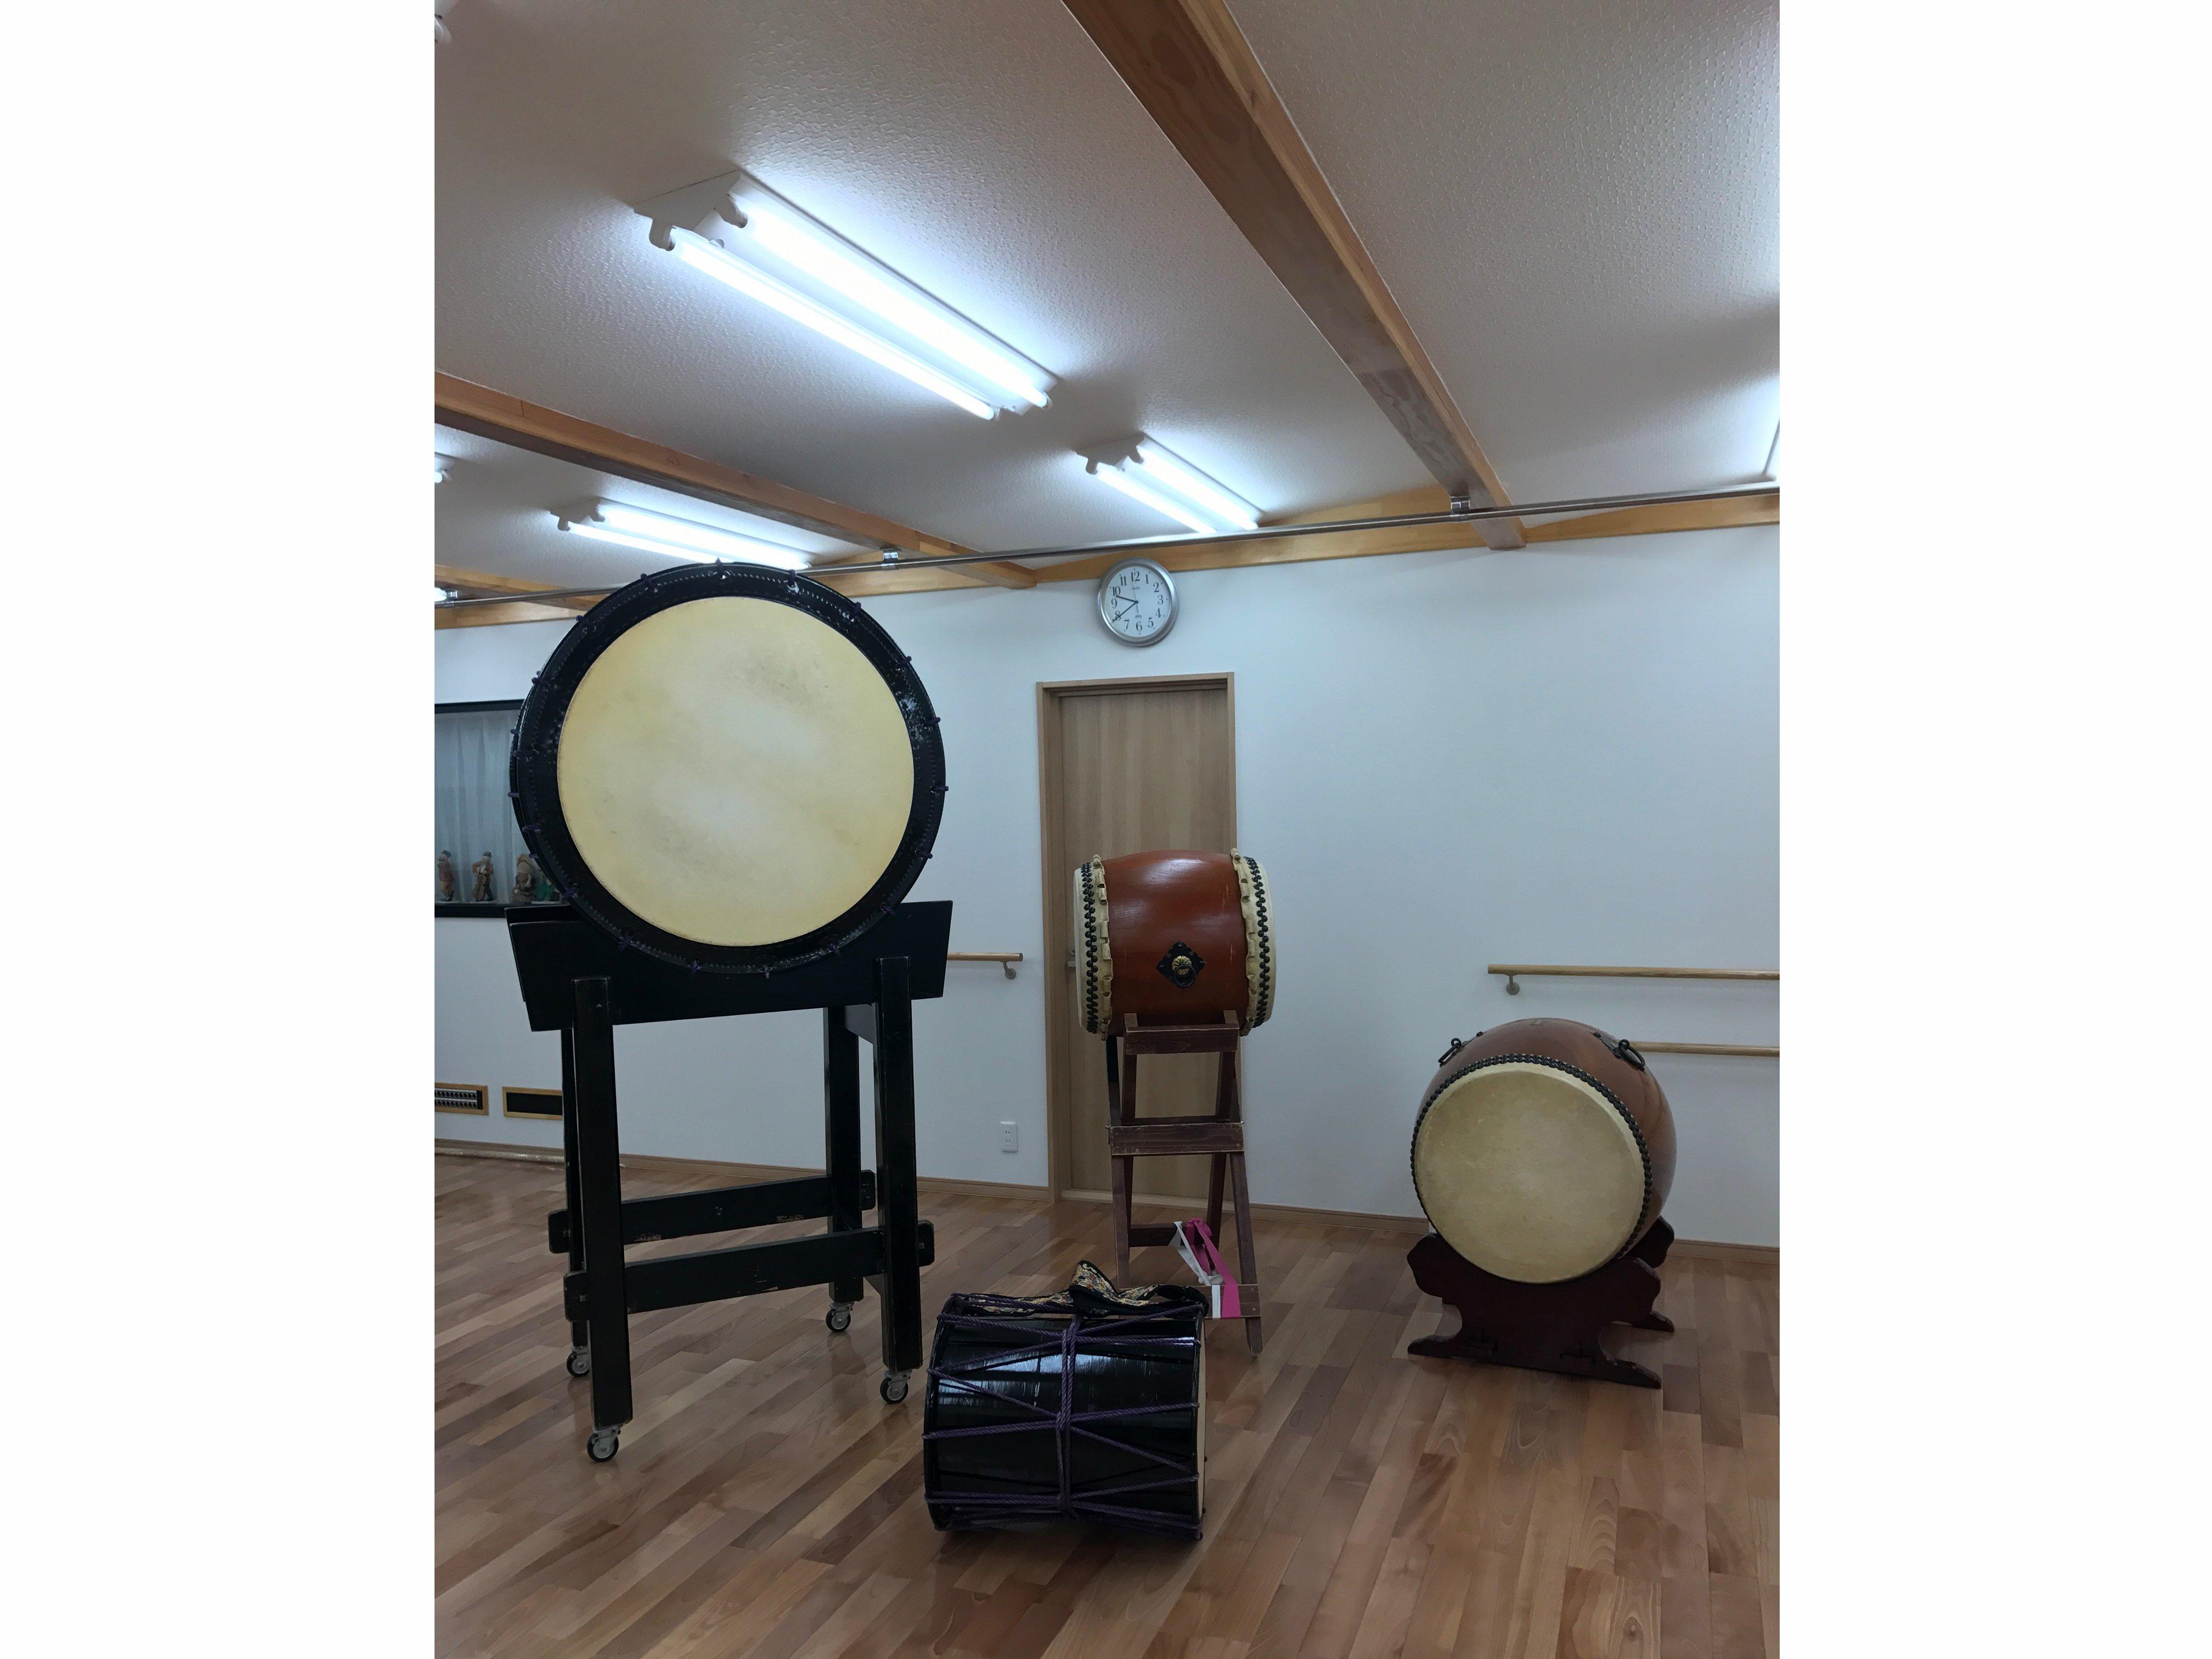 月兎園スタジオレンタル 1時間 12:00〜17:00のイメージその3